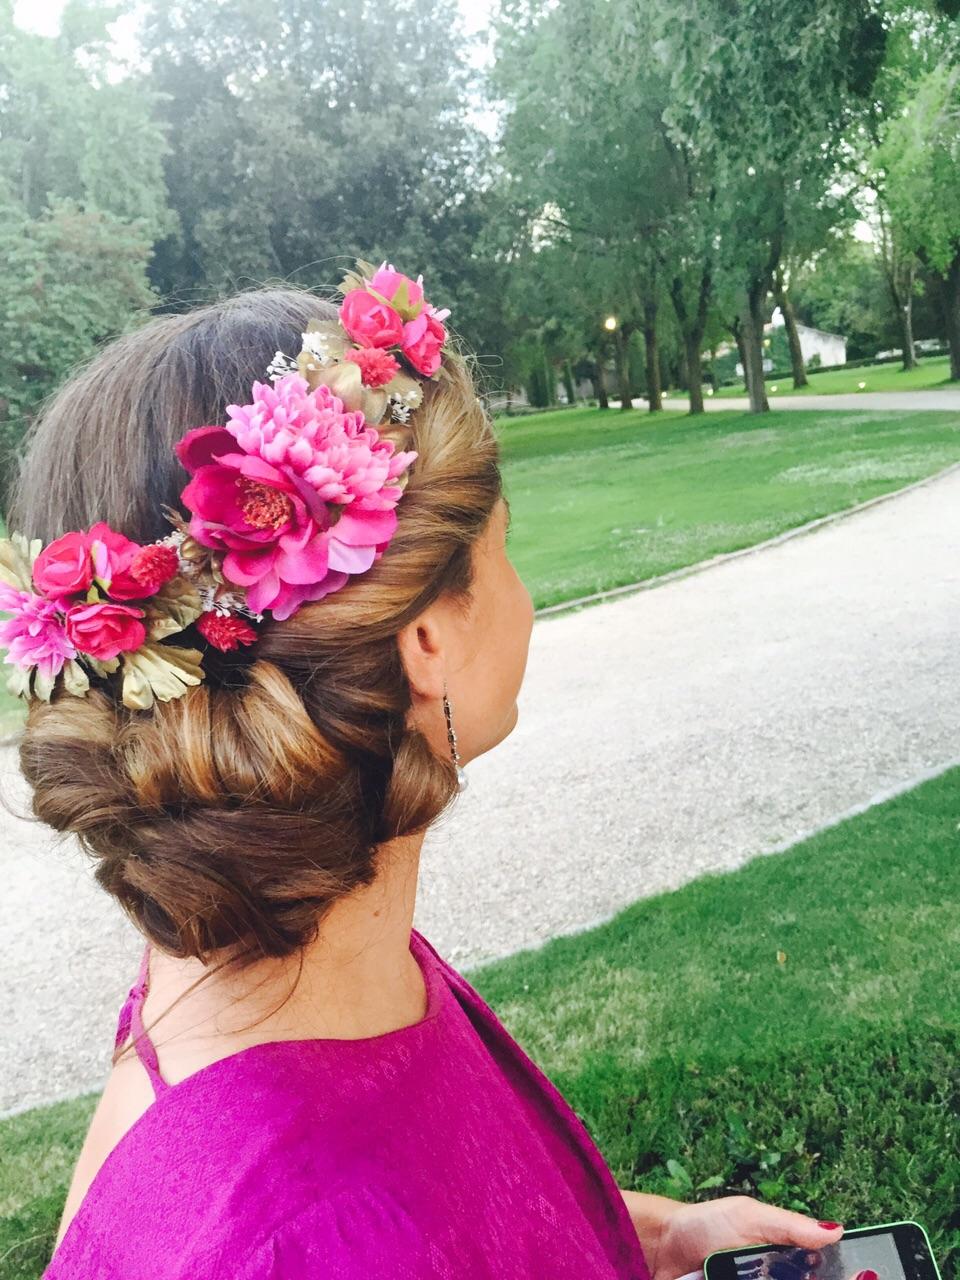 Mencia tocados m s coronas de flores - Coronas de flore ...